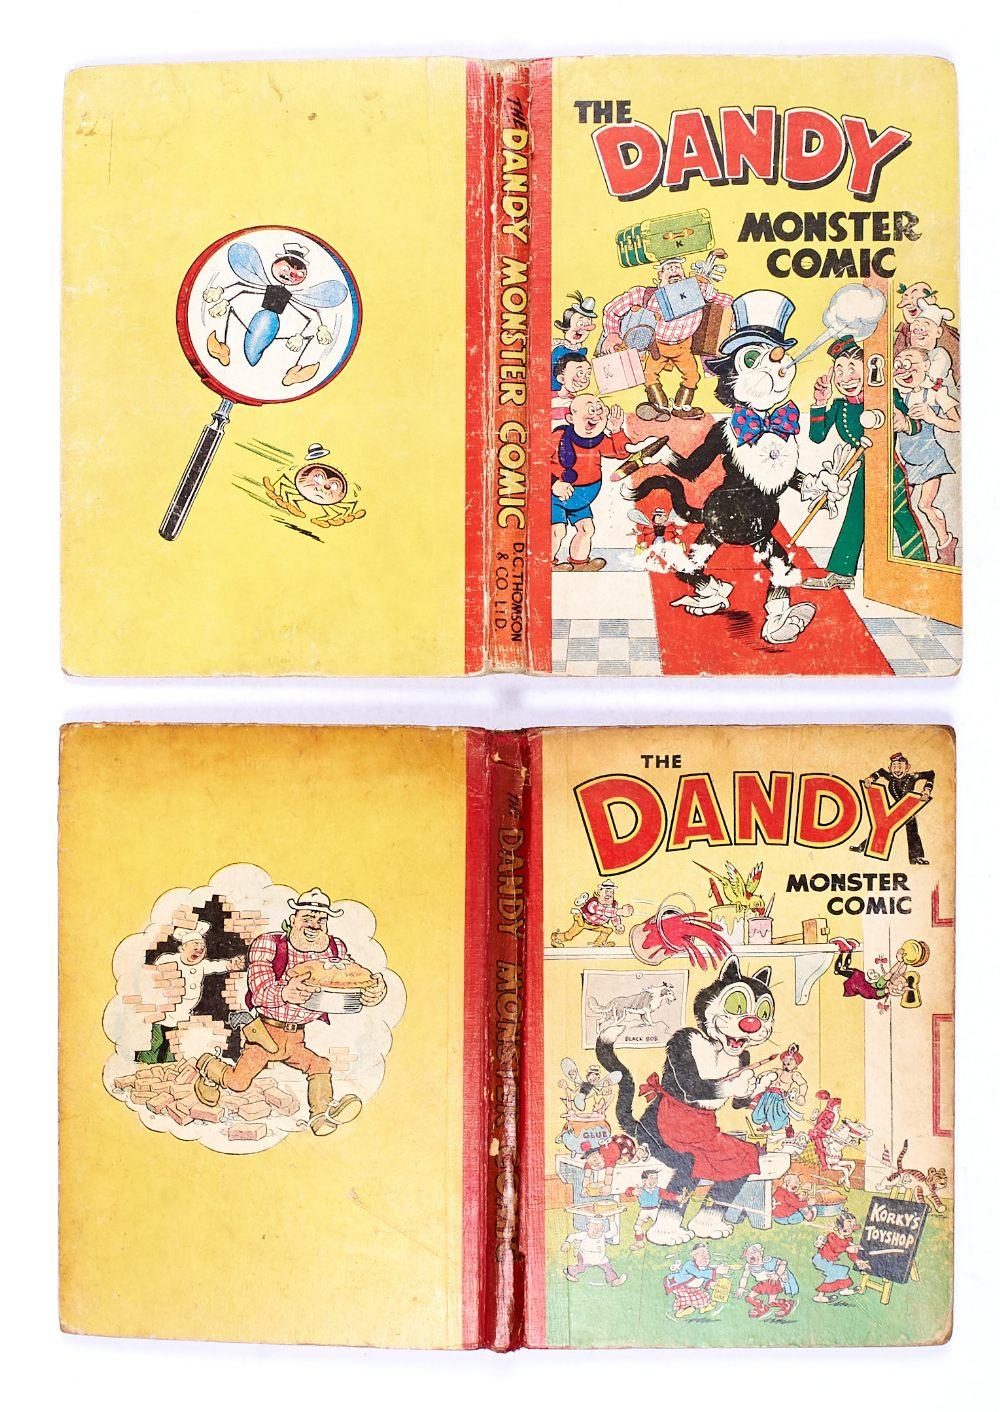 Lot 54 - Dandy Monster Comics (1949, 1952) [gd] Korky The Toff, Korky's Toy Shop (2). No Reserve